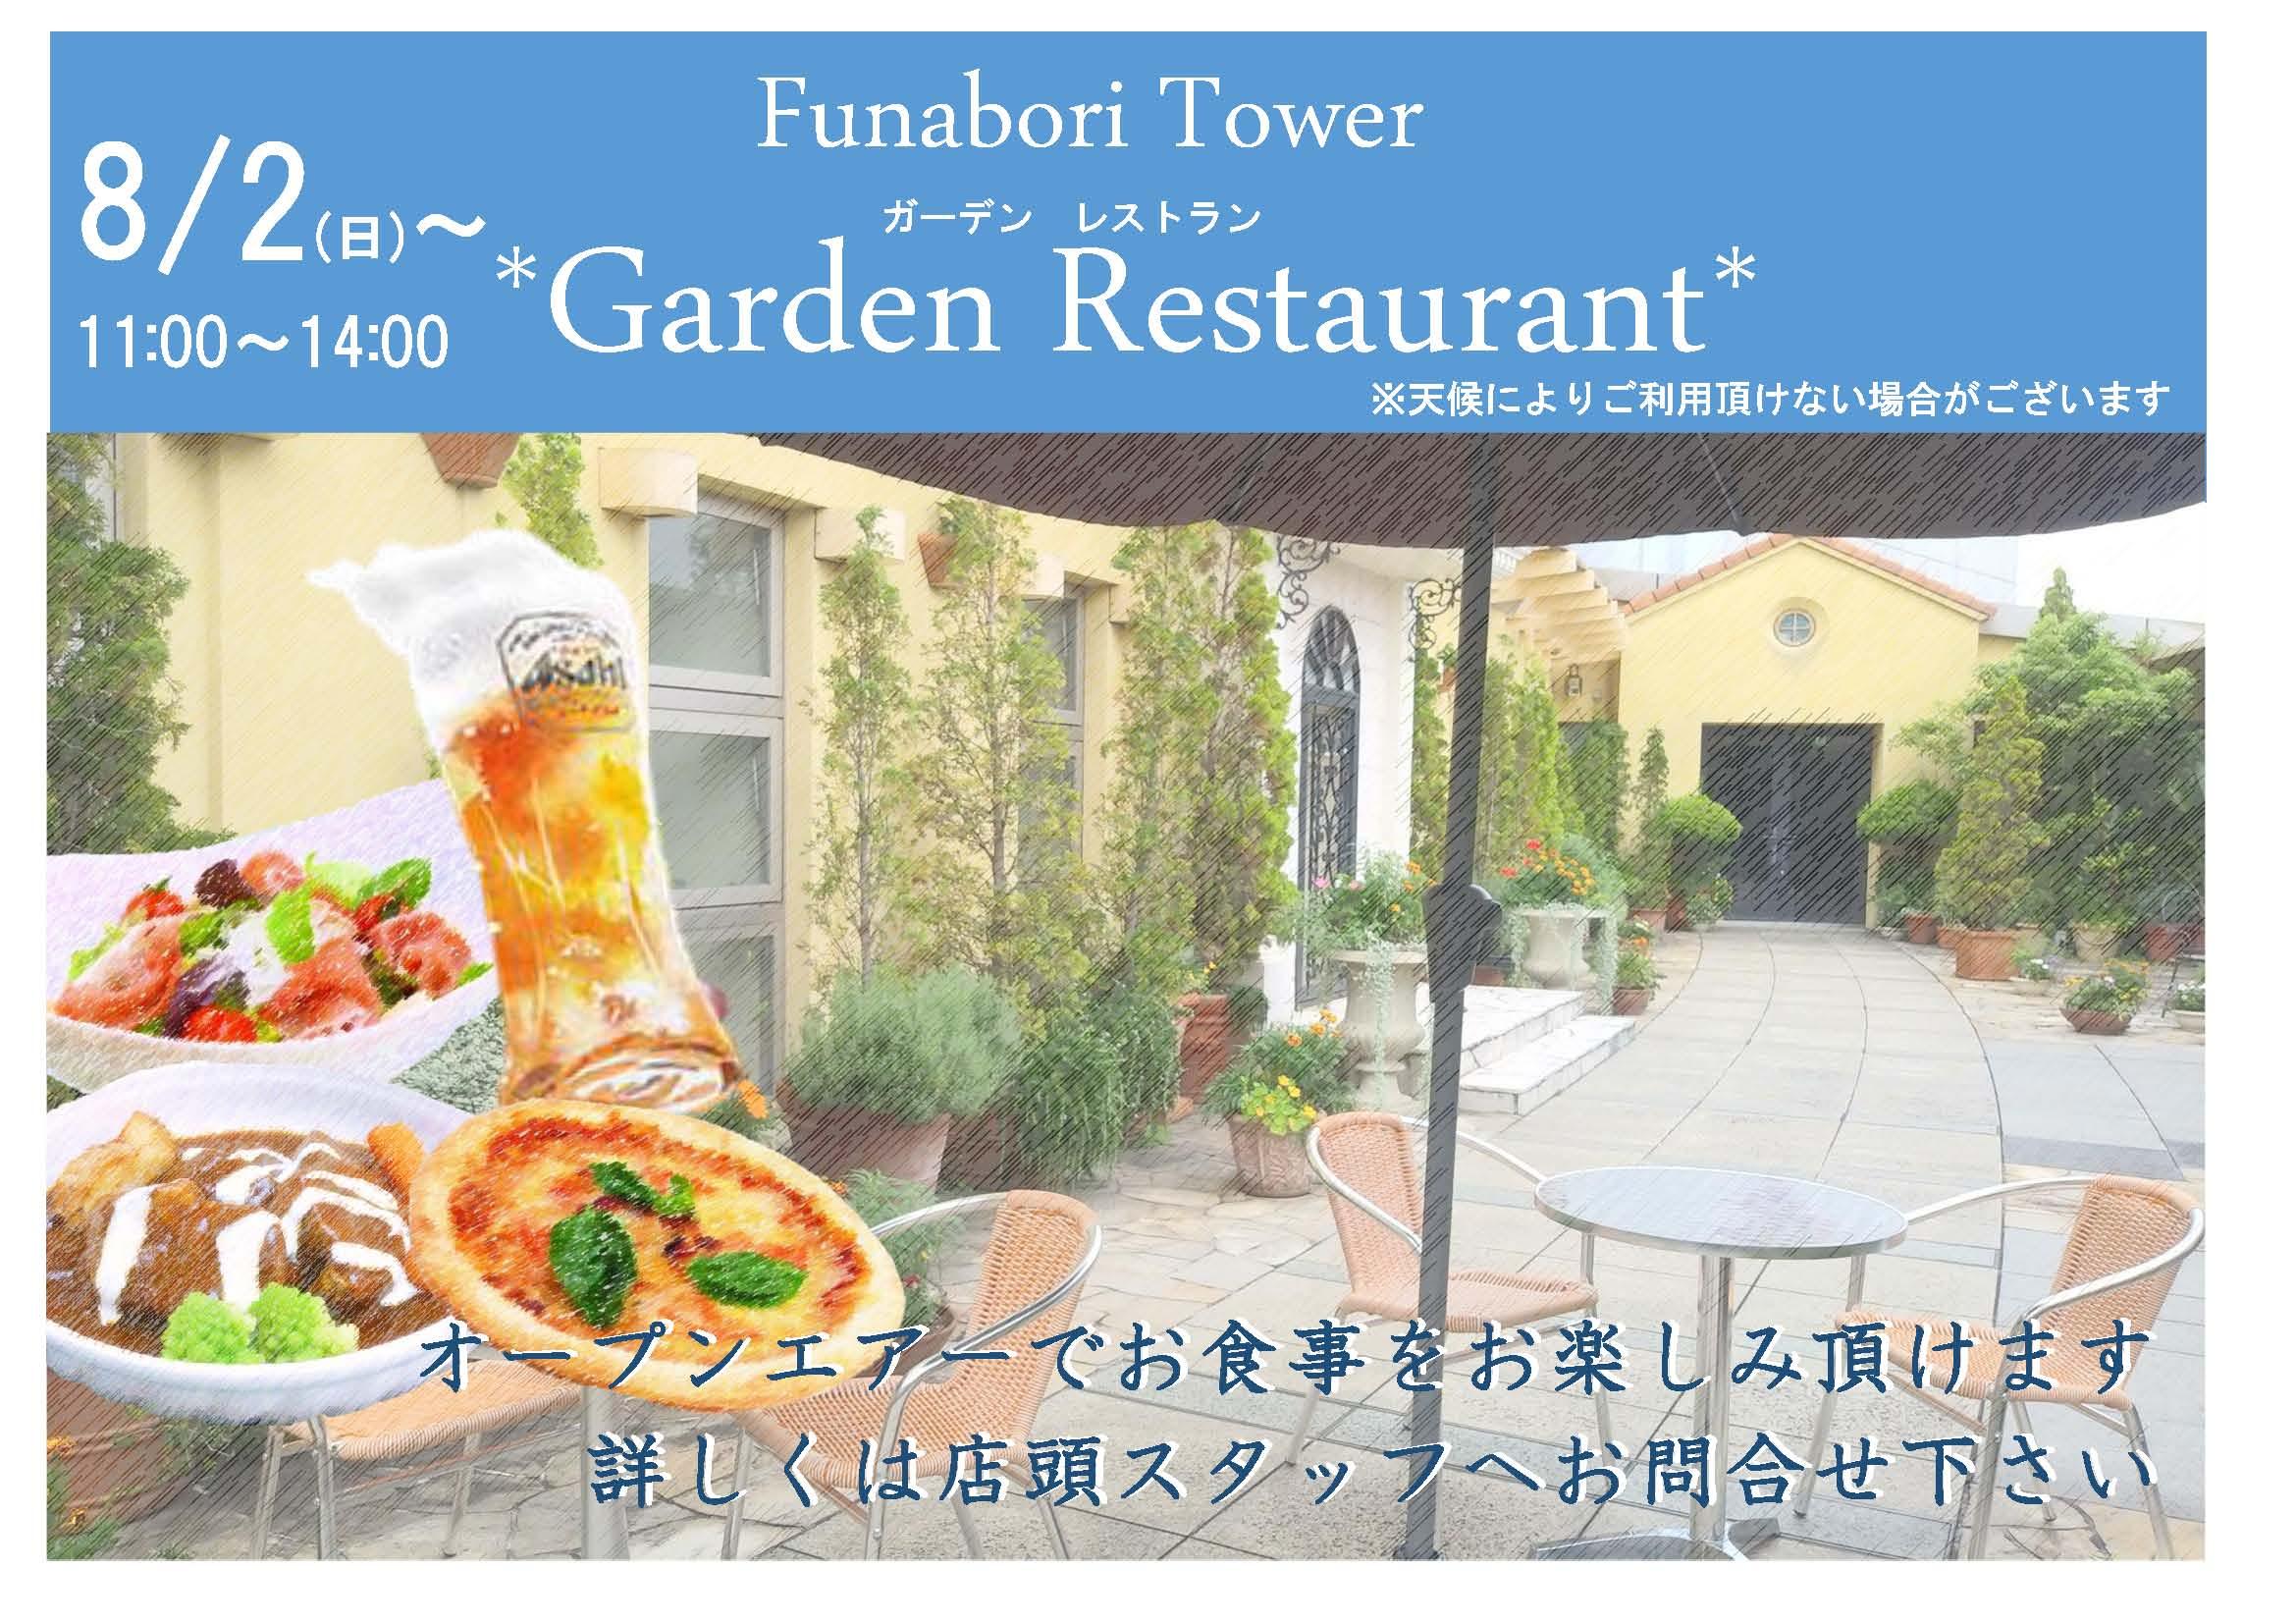 ガーデンレストランOPEN